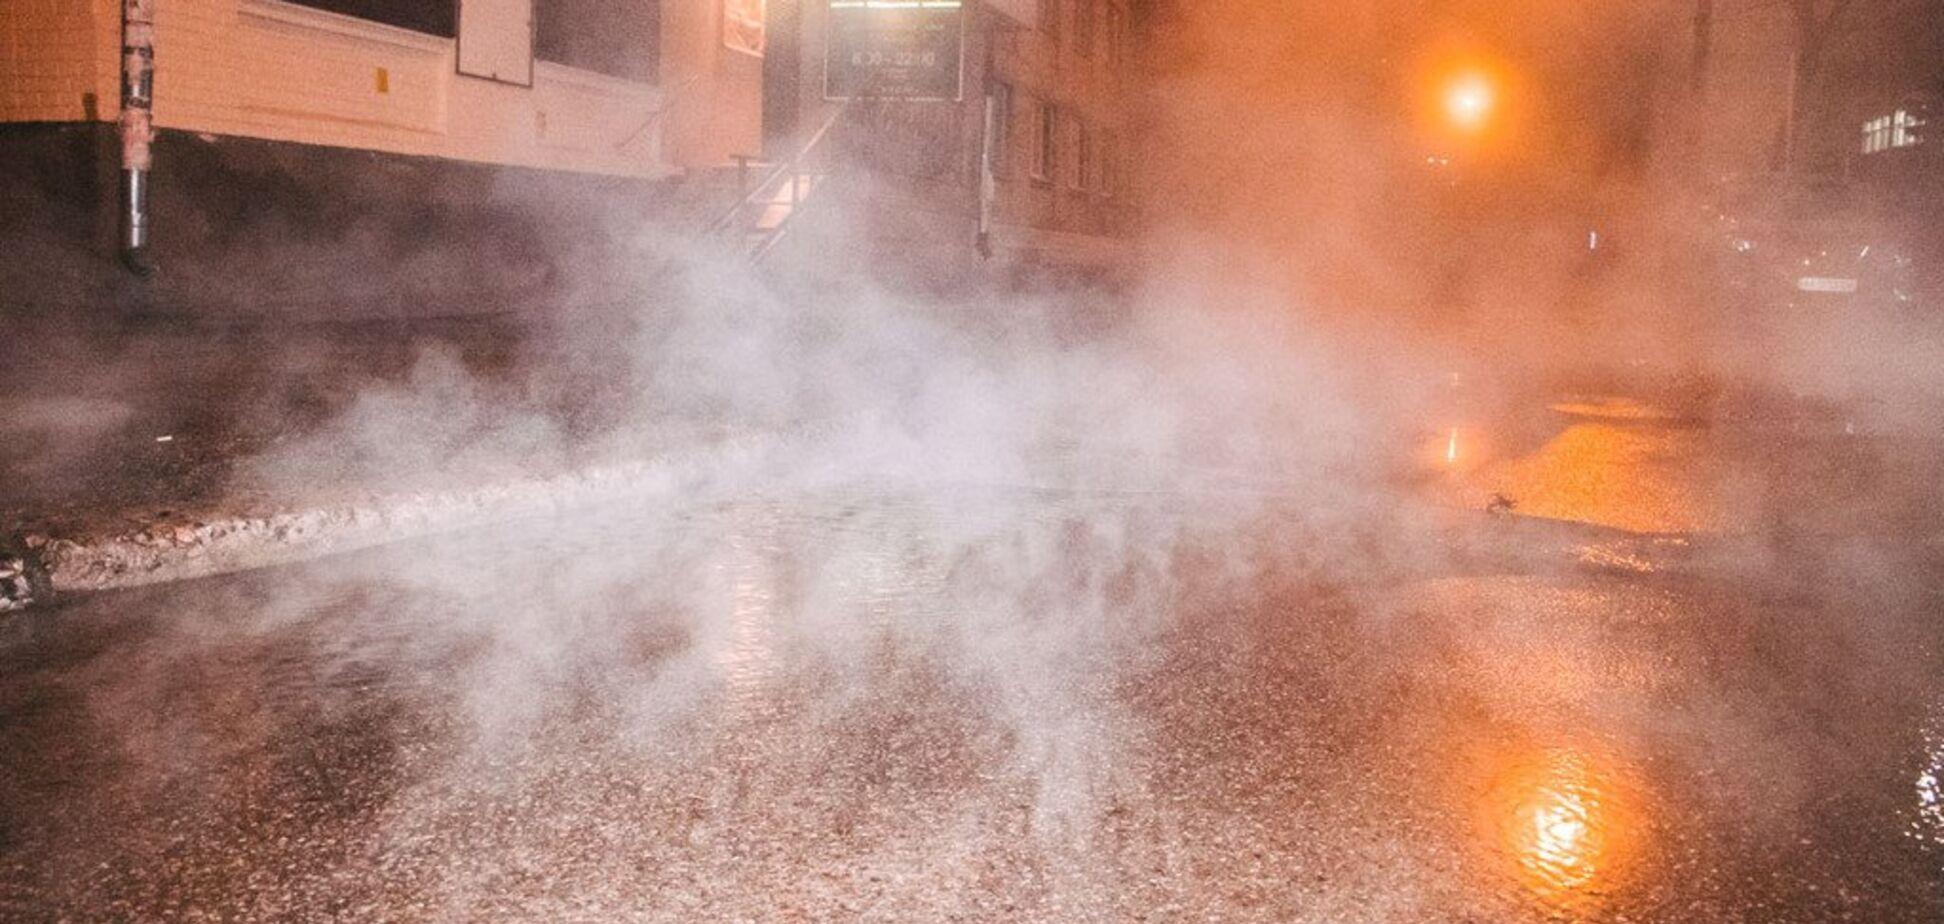 У Києві прорвало ще одну трубу: окріп залив усю вулицю. Фото й відео